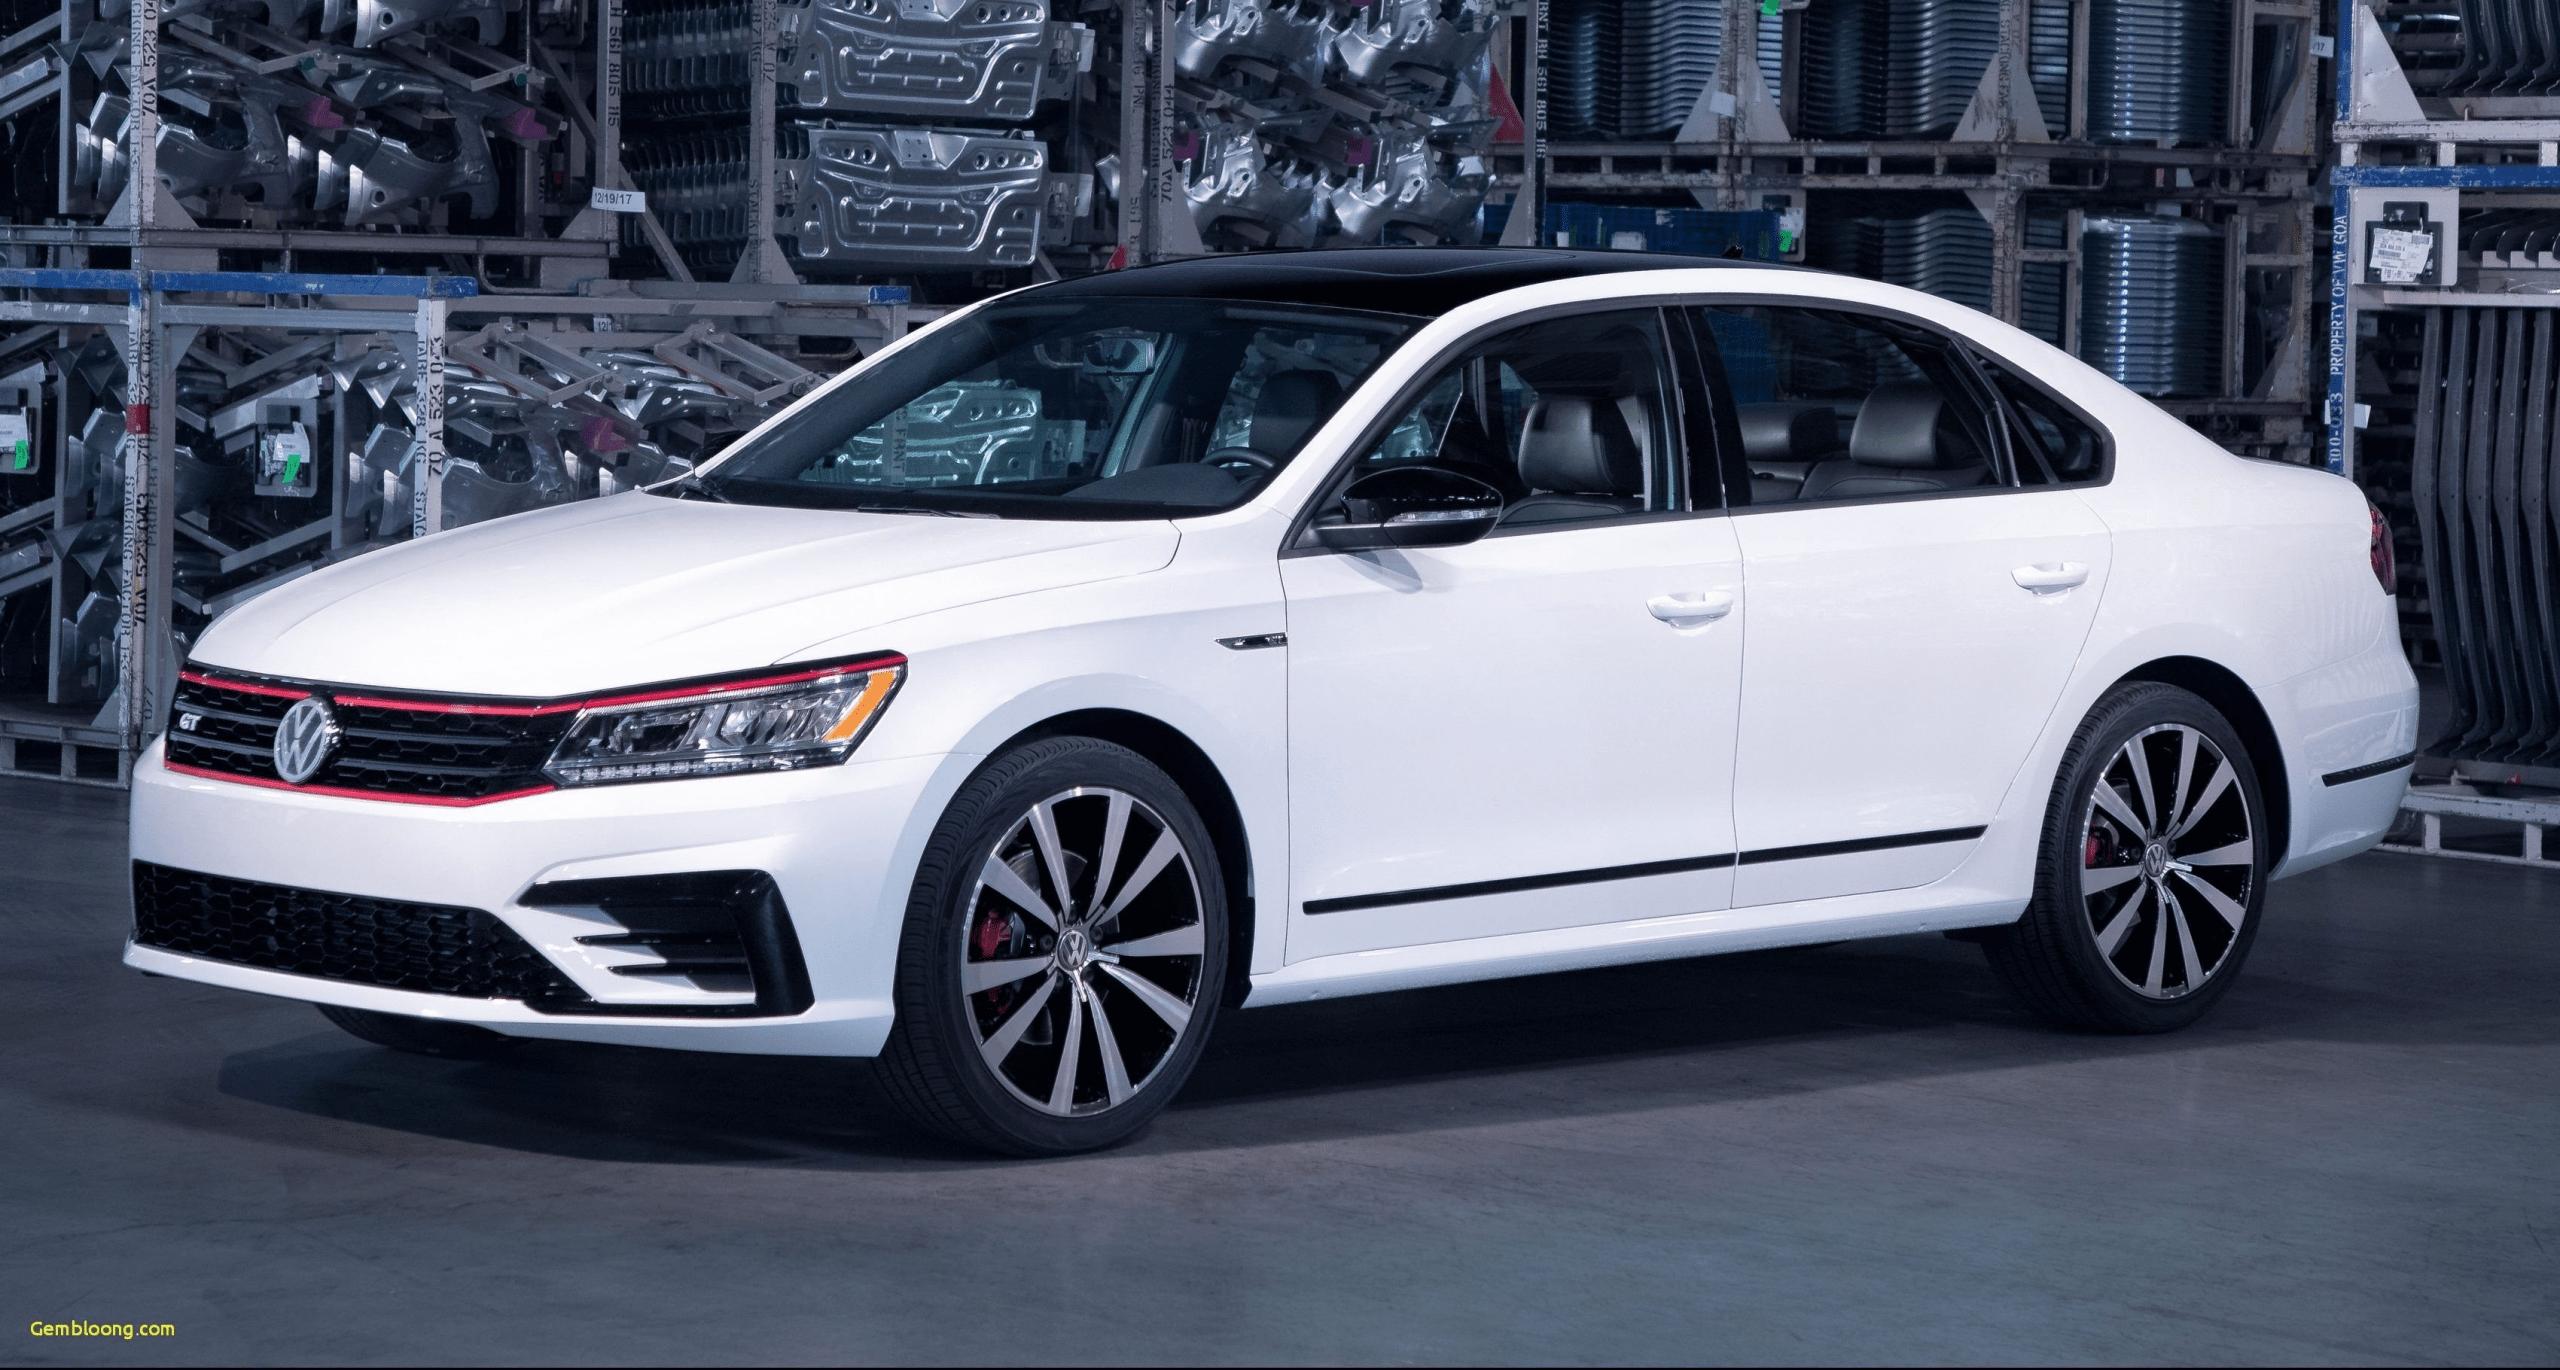 2021 VW Jetta Tdi Gli Redesign and Concept